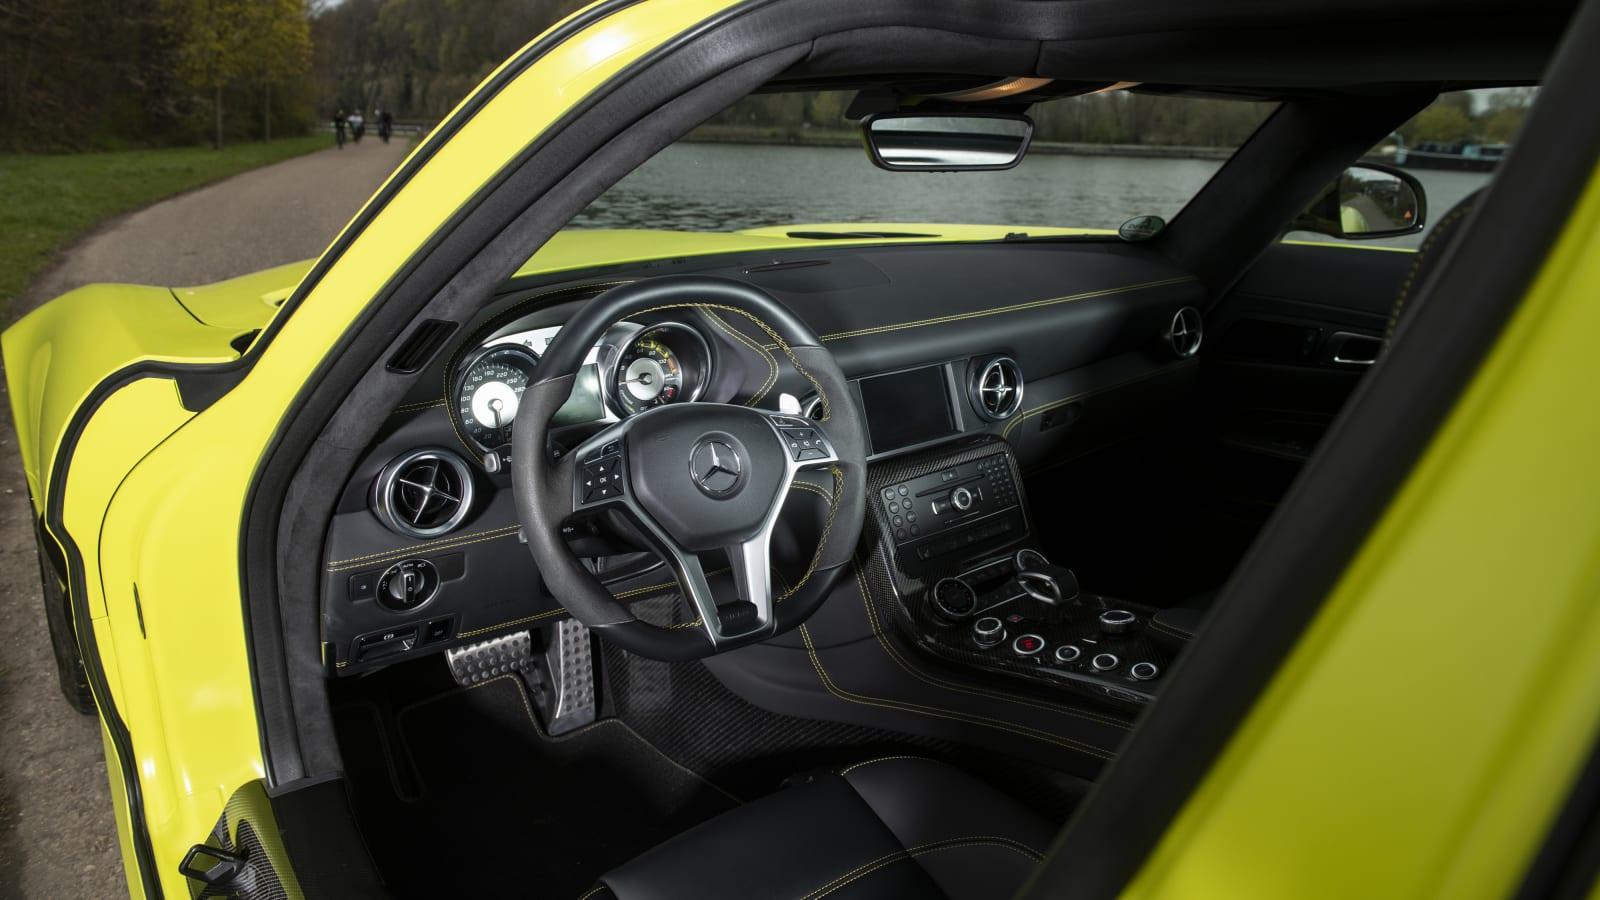 2013 Mercedes-Benz SLS AMG Electric Drive